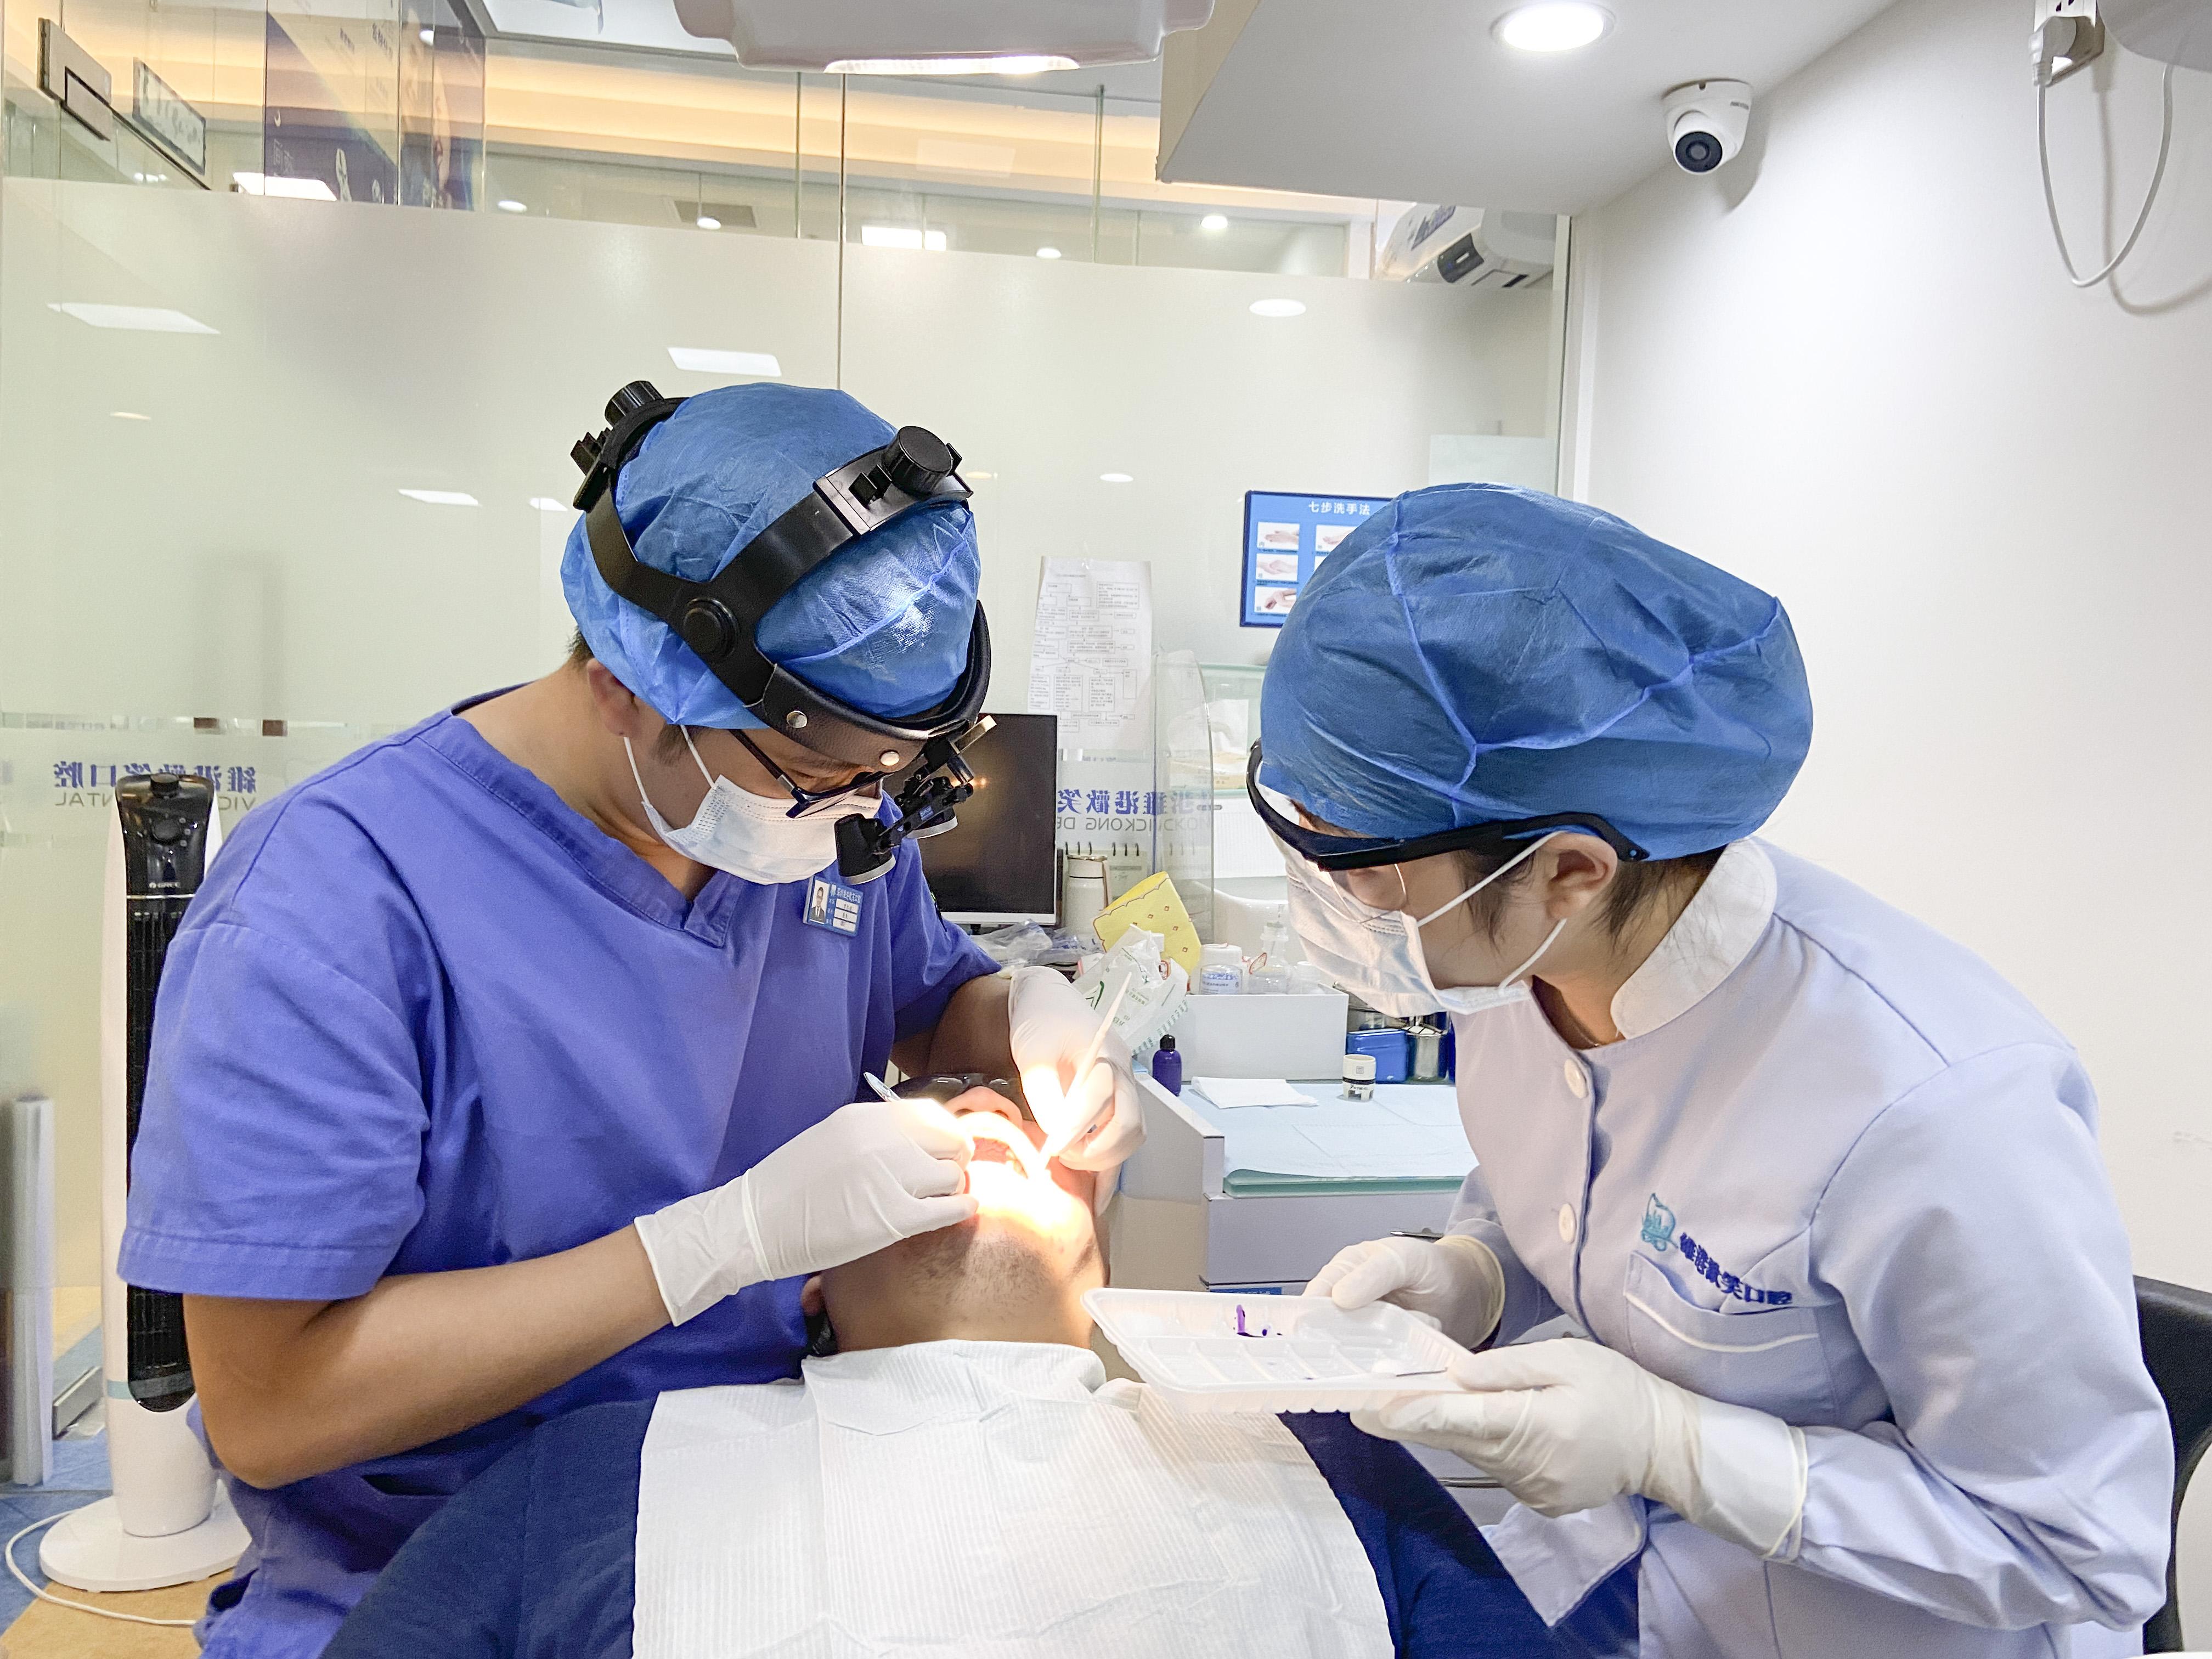 """遇見理想中的好牙醫——維港口腔連鎖品牌機構的""""好牙醫""""理念和"""